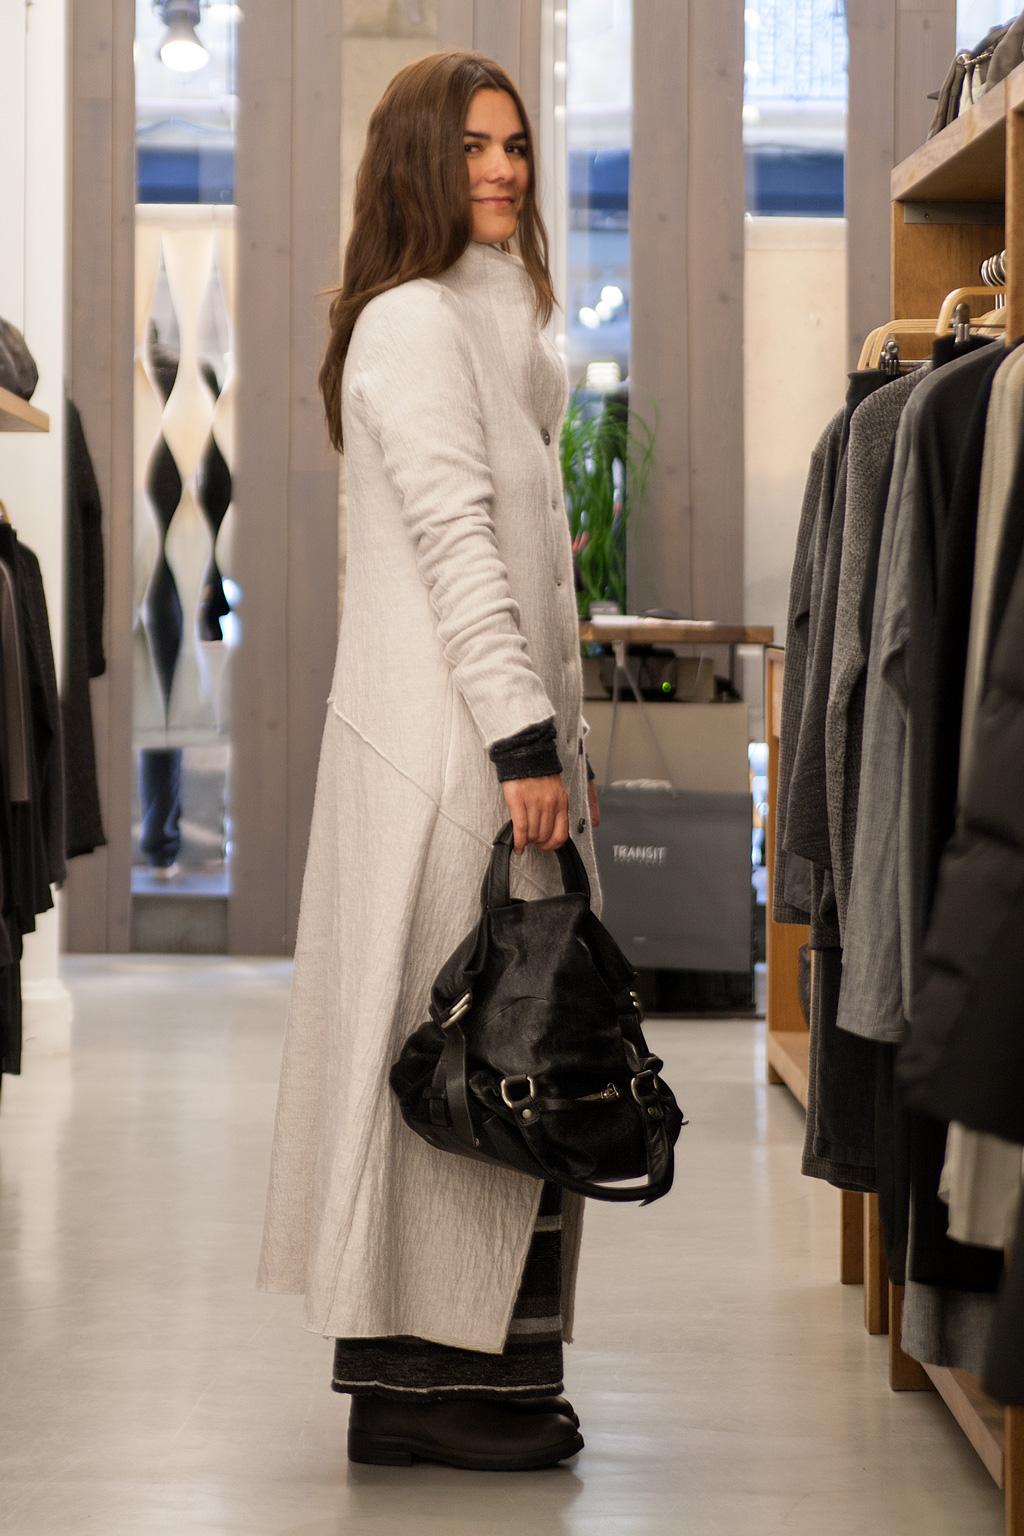 Juncal Aguirre posando con prendas de Transit en el interior de la tienda.